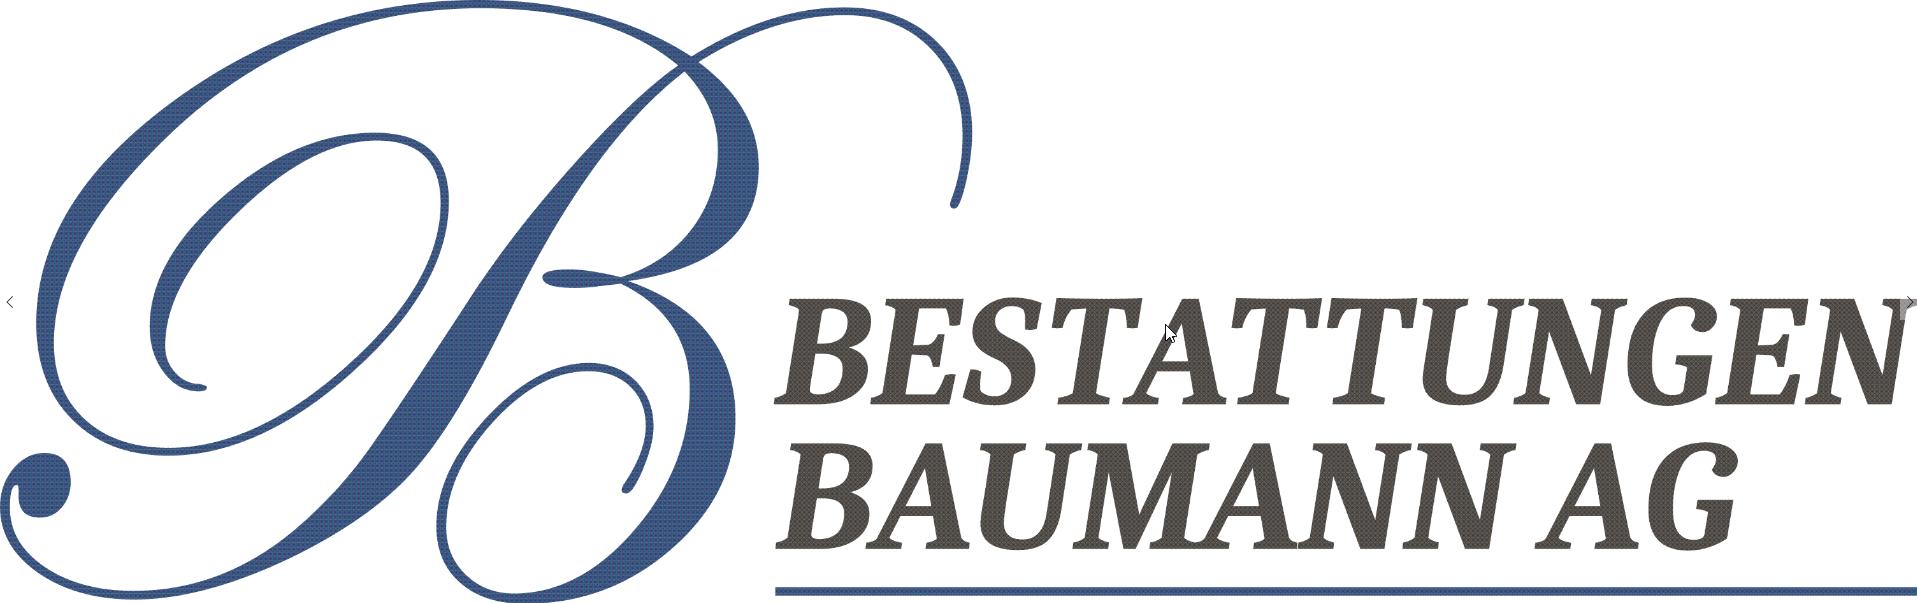 Bild Bestattungen Baumann AG